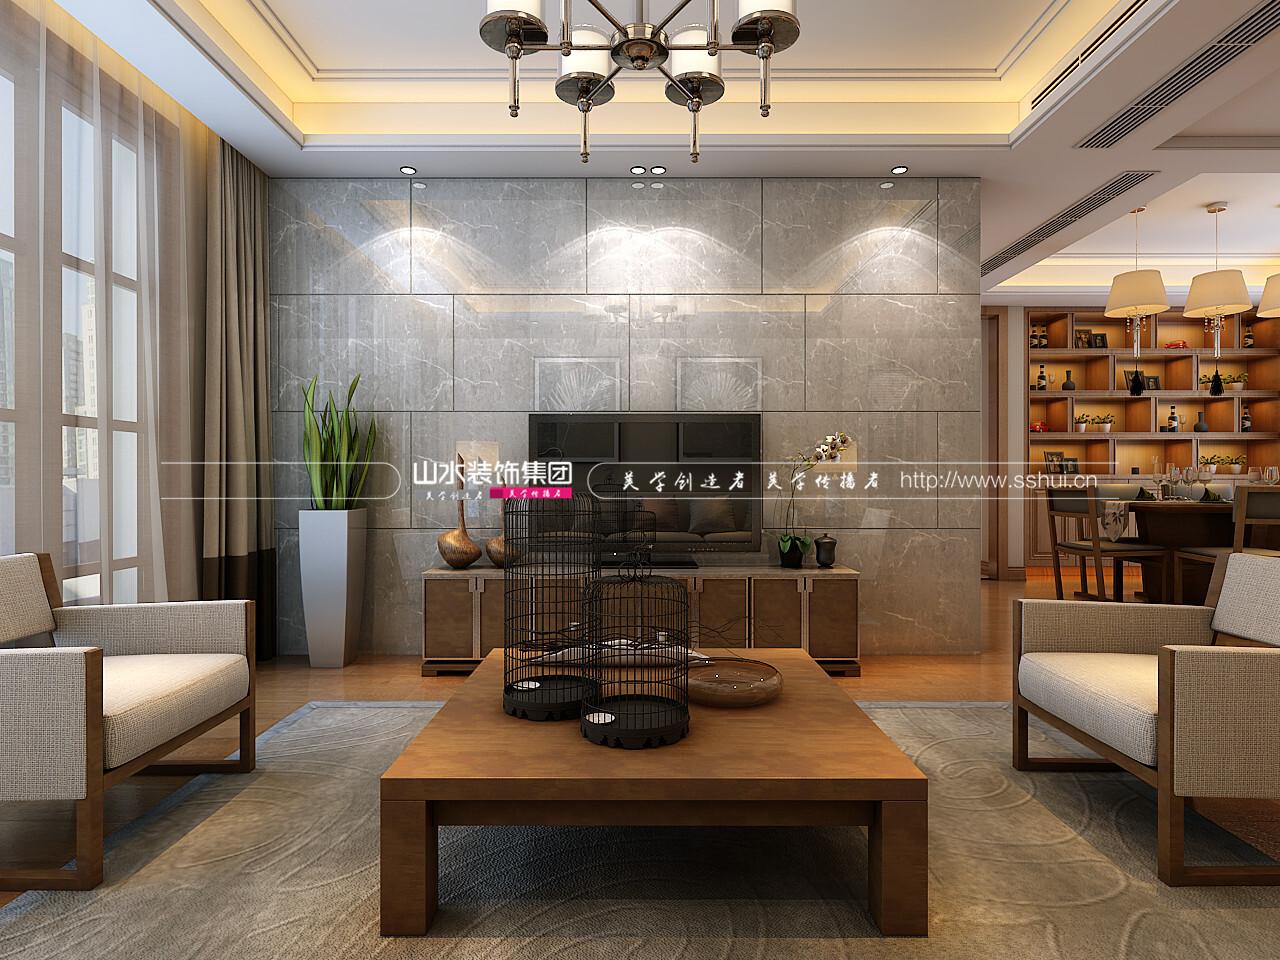 和平盛世110平四室一厅一卫现代风格装修效果图